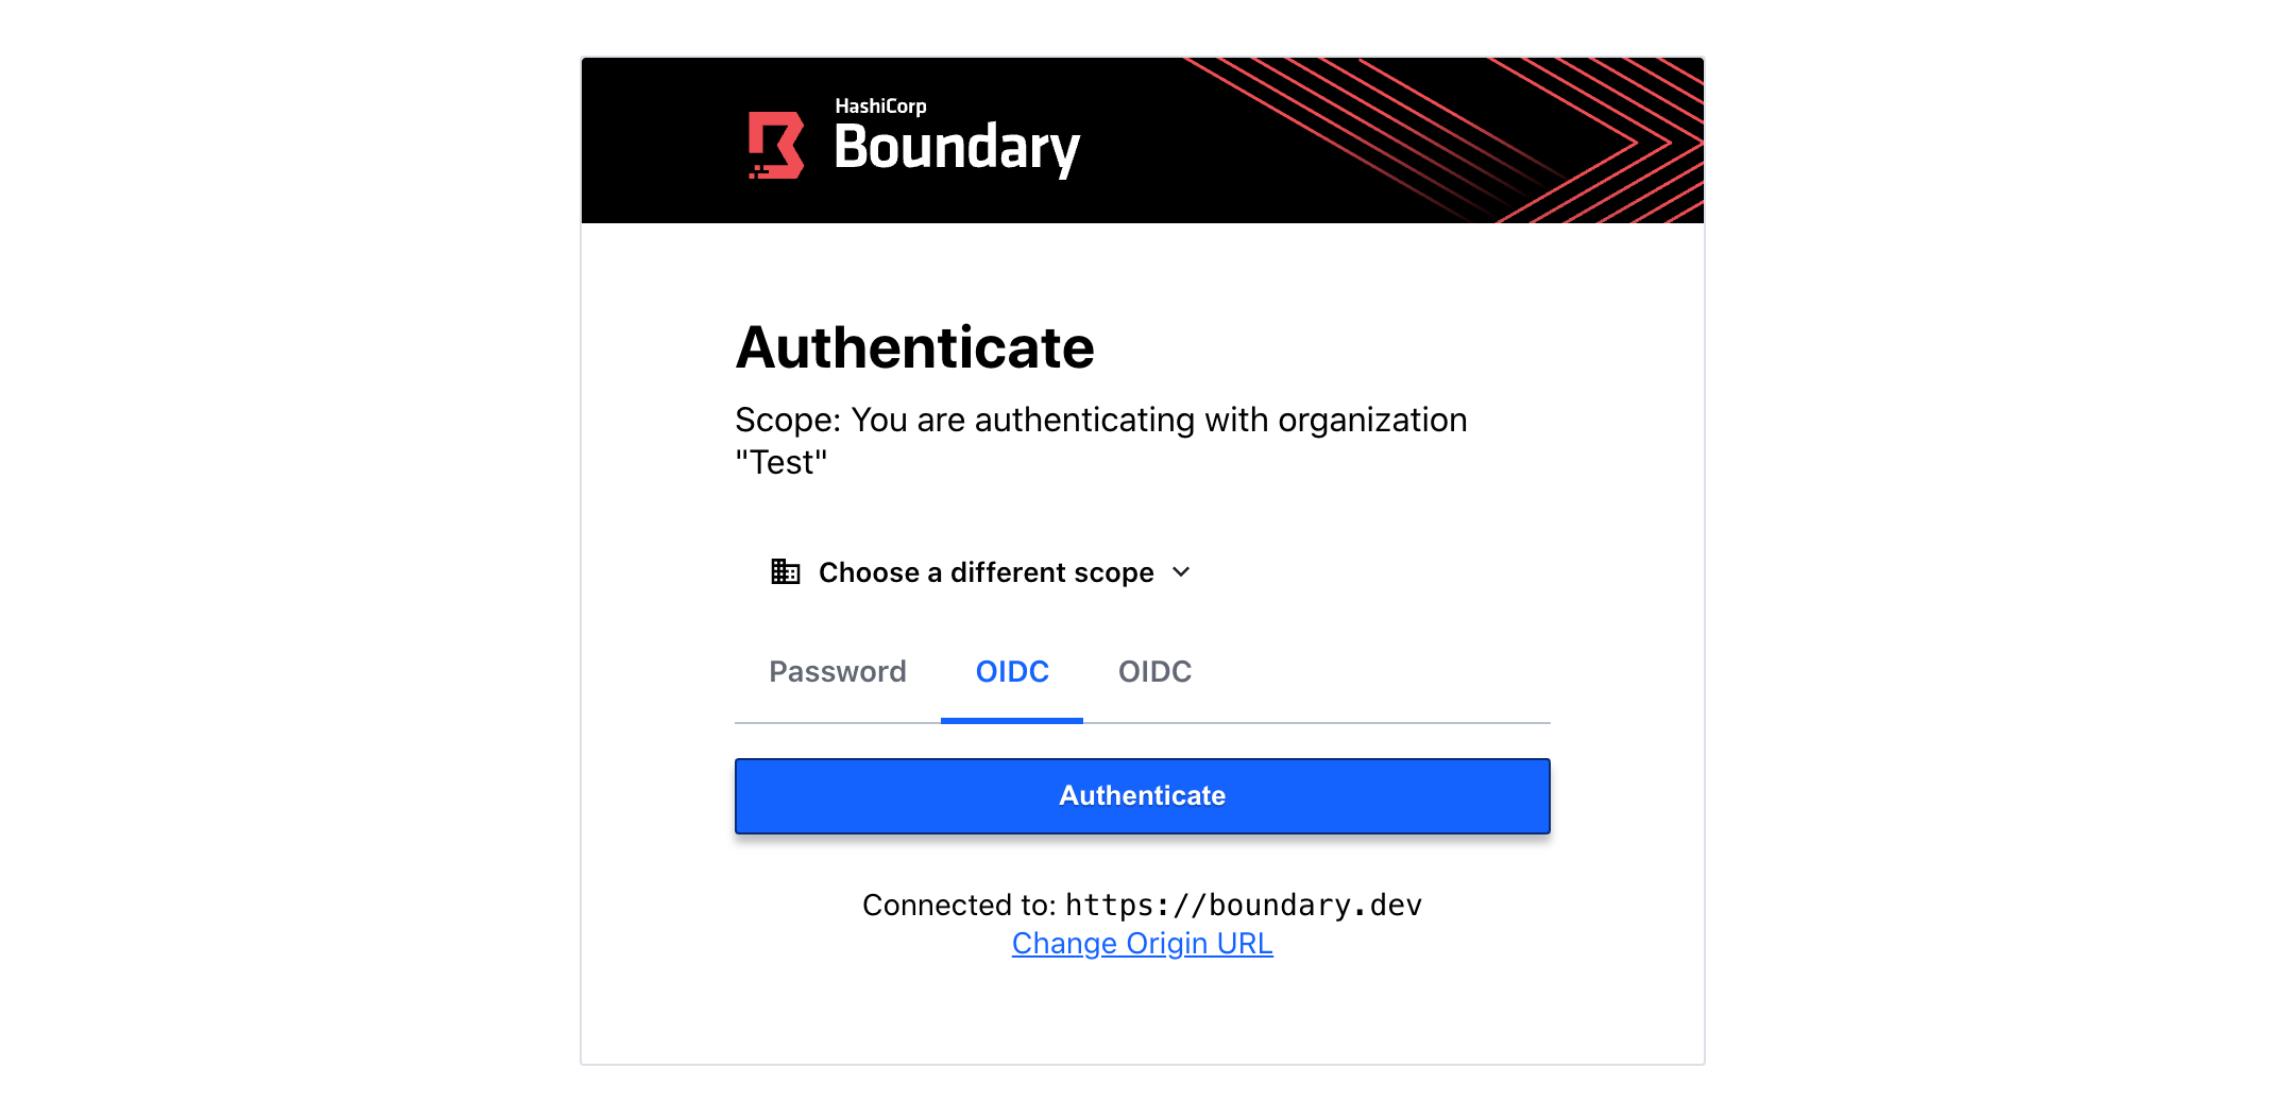 Boundary OIDC window